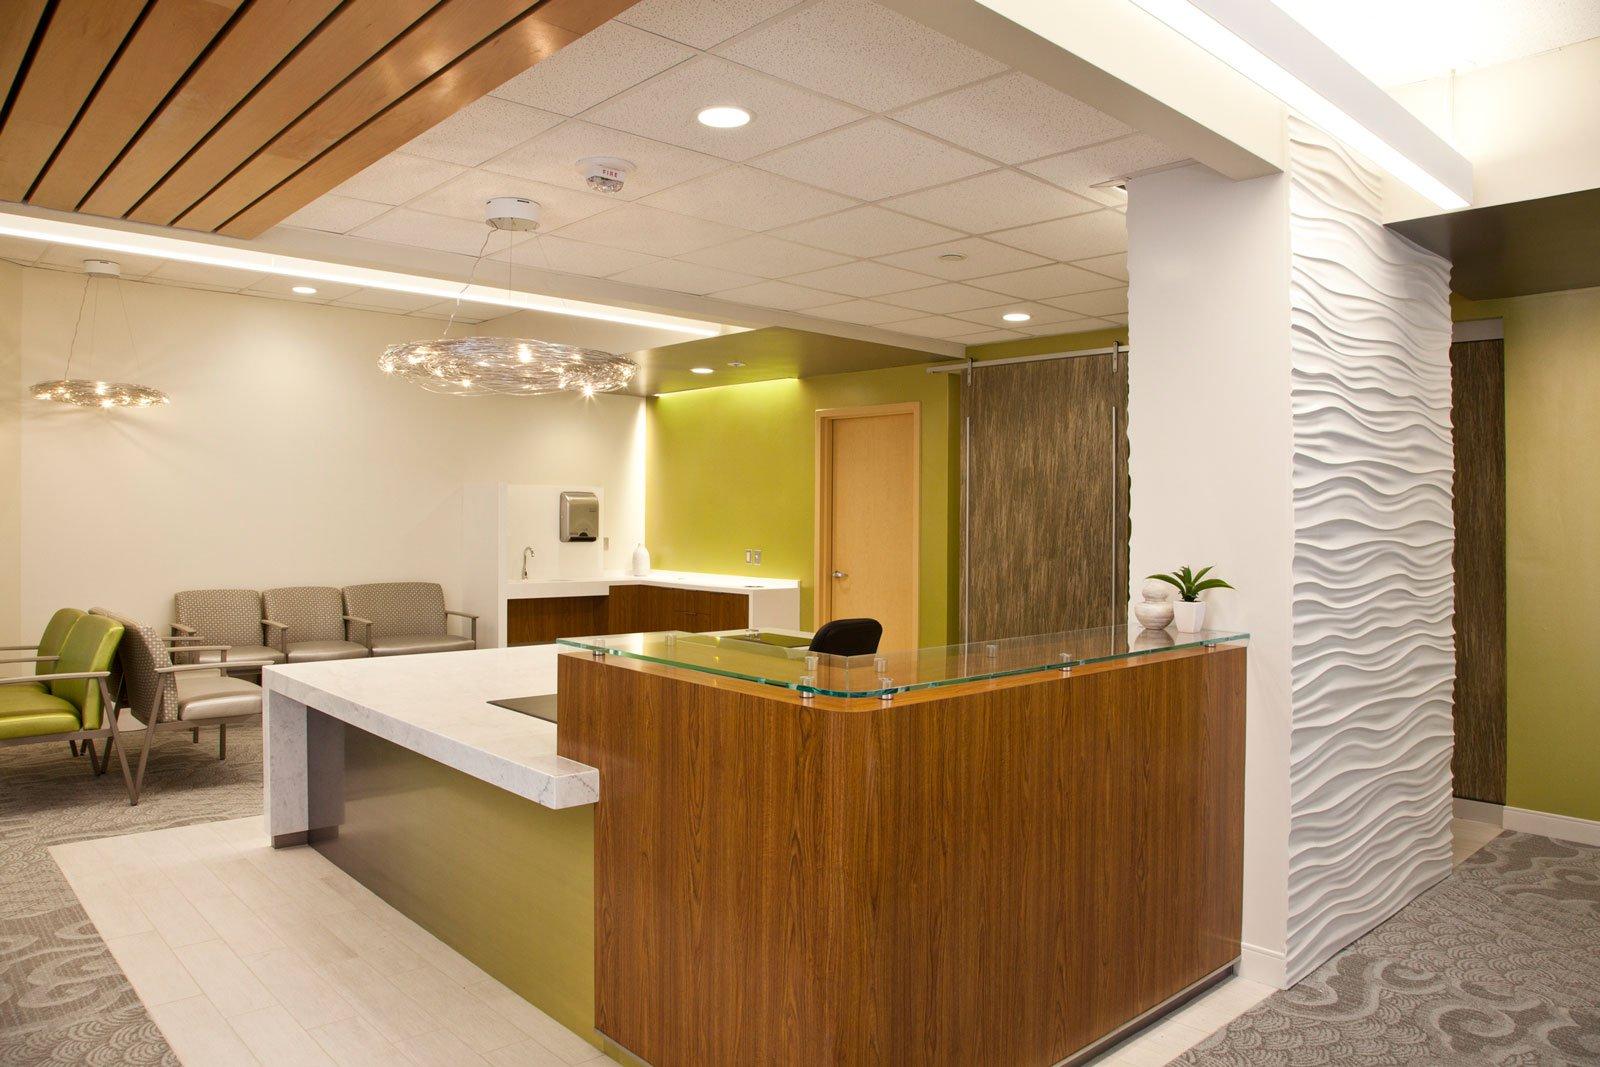 Providence-St.-Joseph-Medical-Center-02.original.jpg